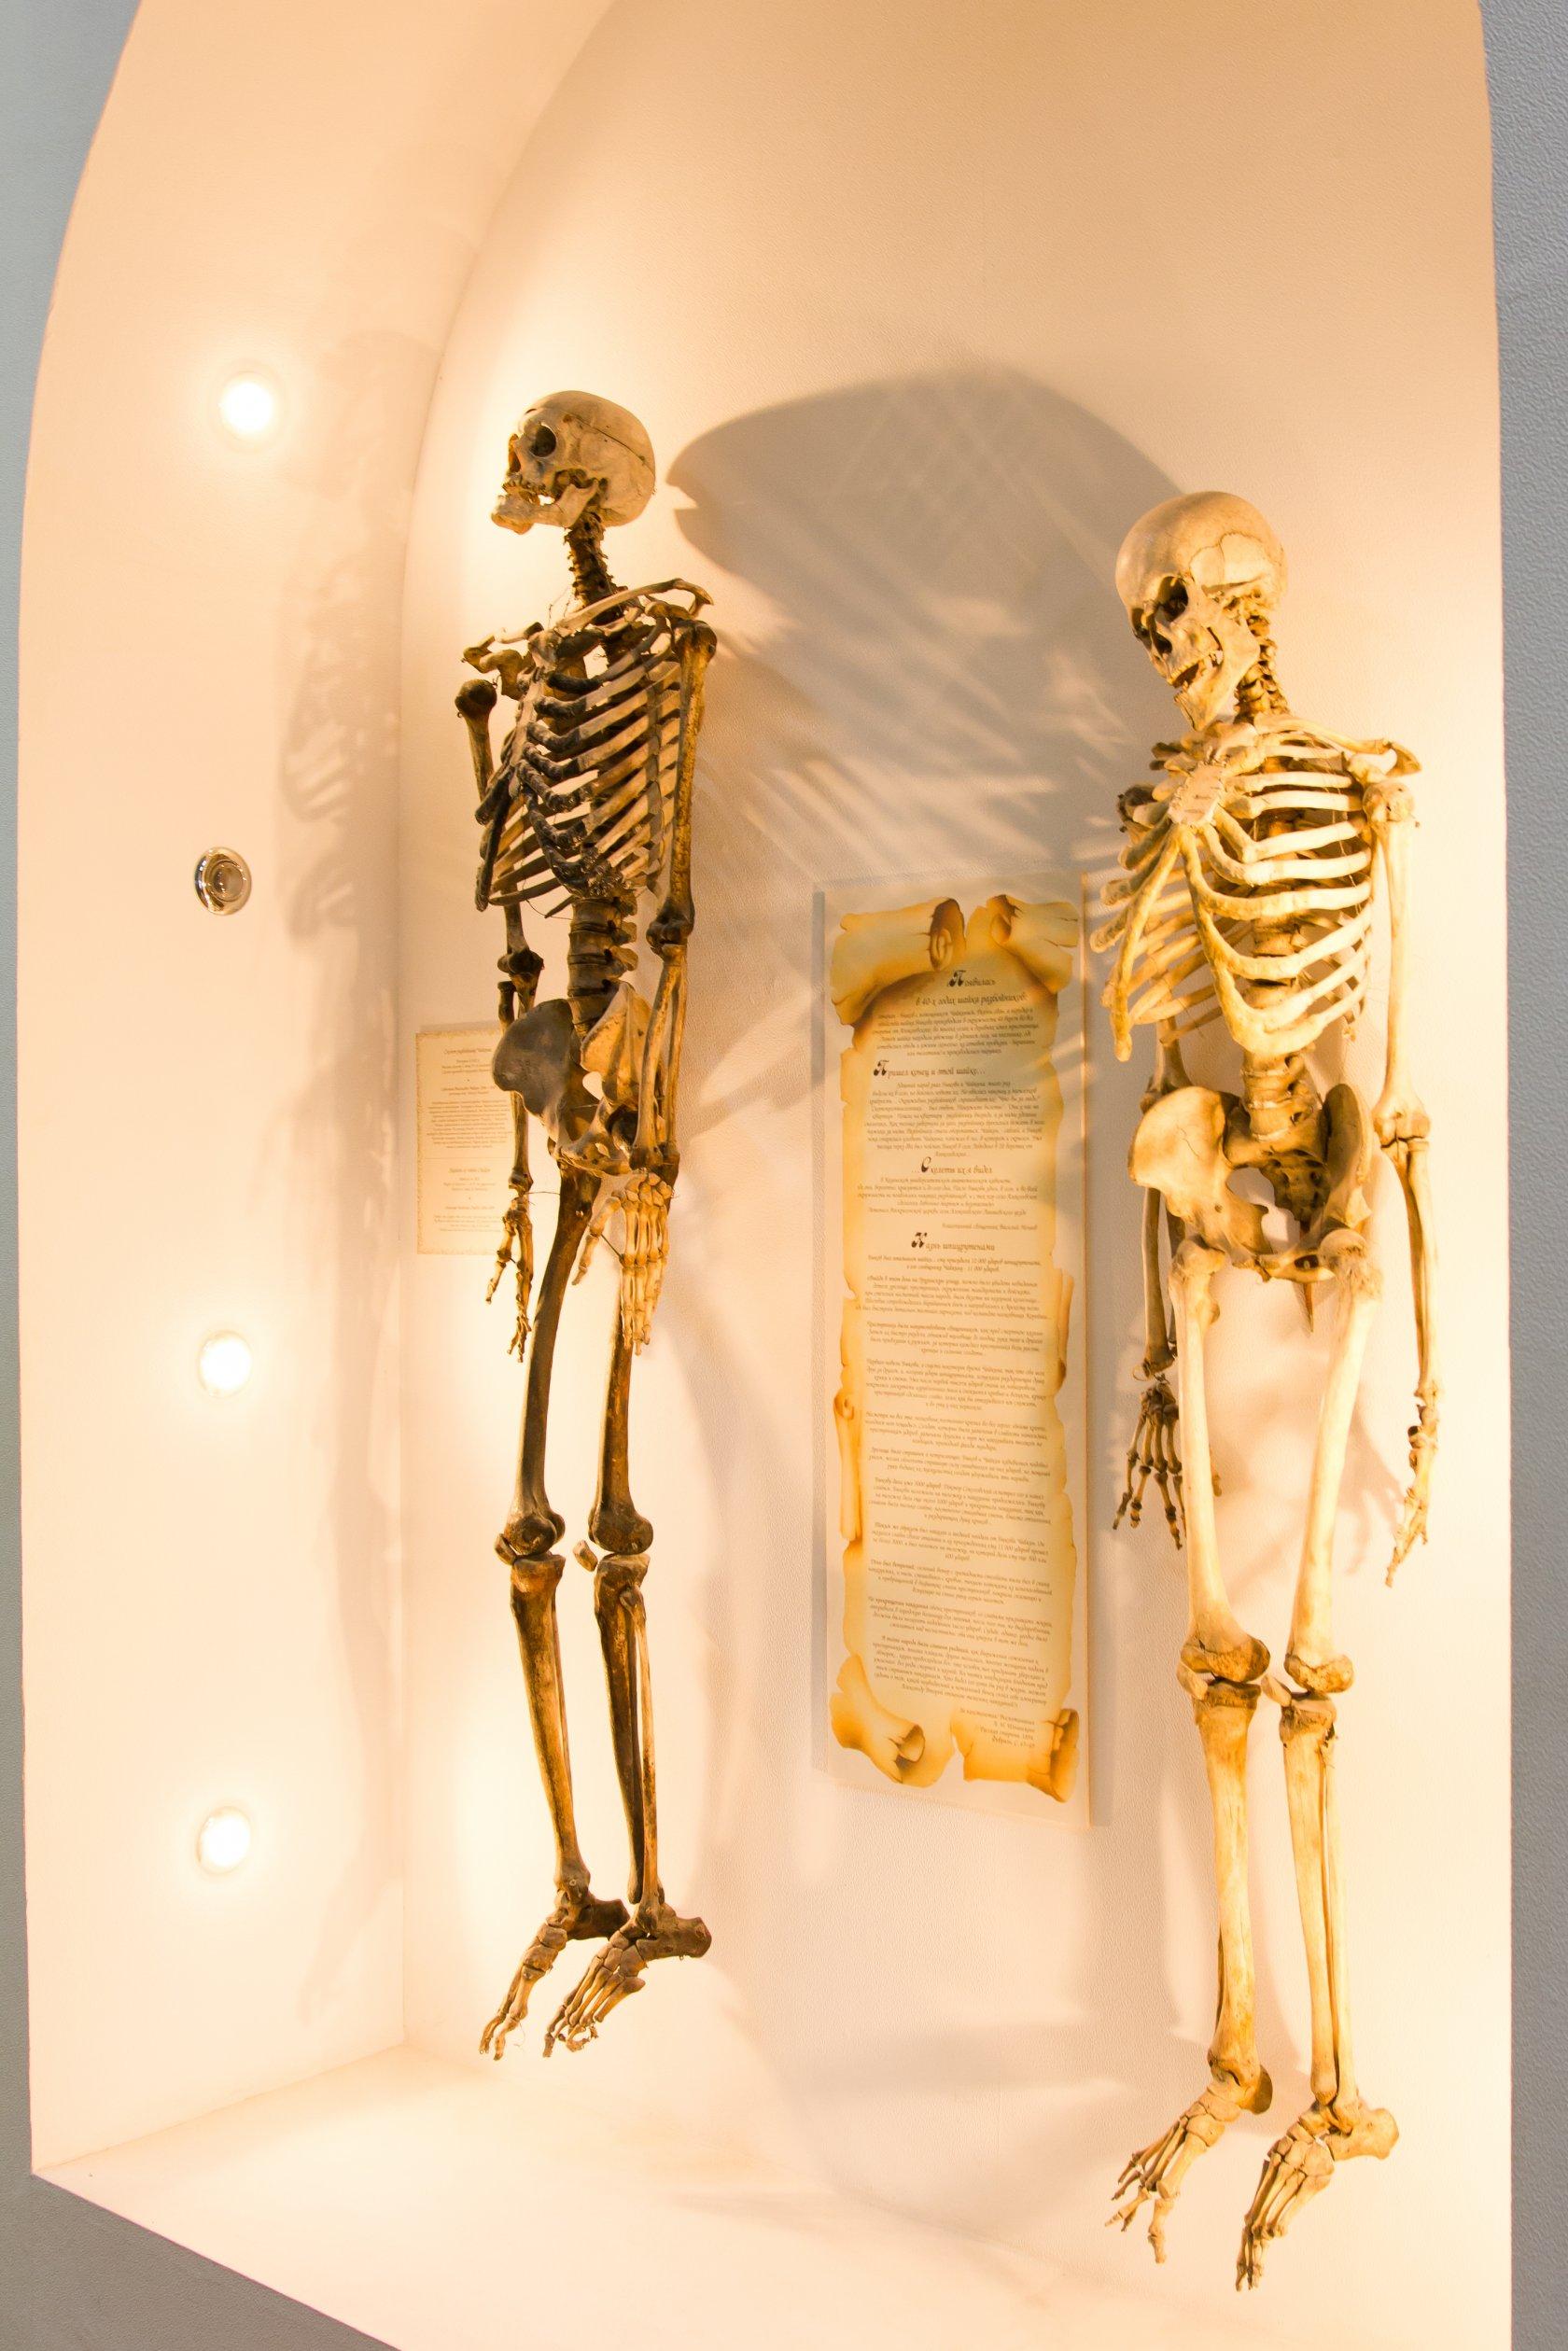 казань анатомический музей театр фото опирается